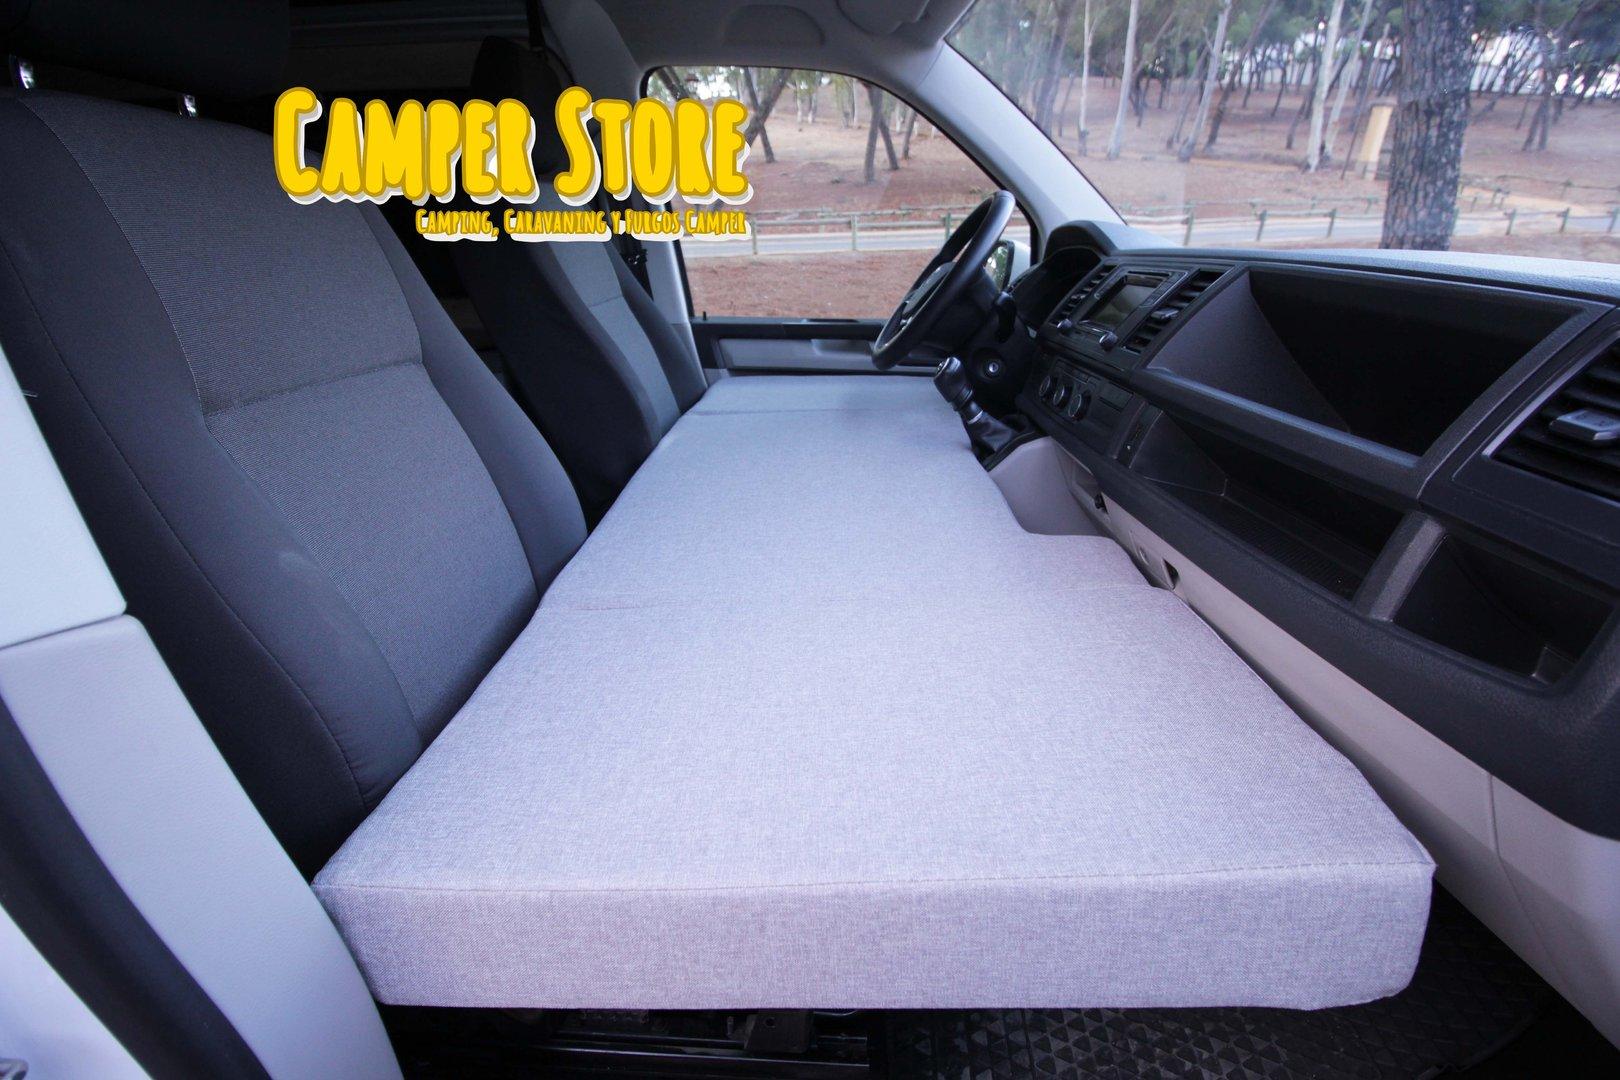 Cama plegable para ni os en asientos delanteros camperstore - Somier para ninos ...